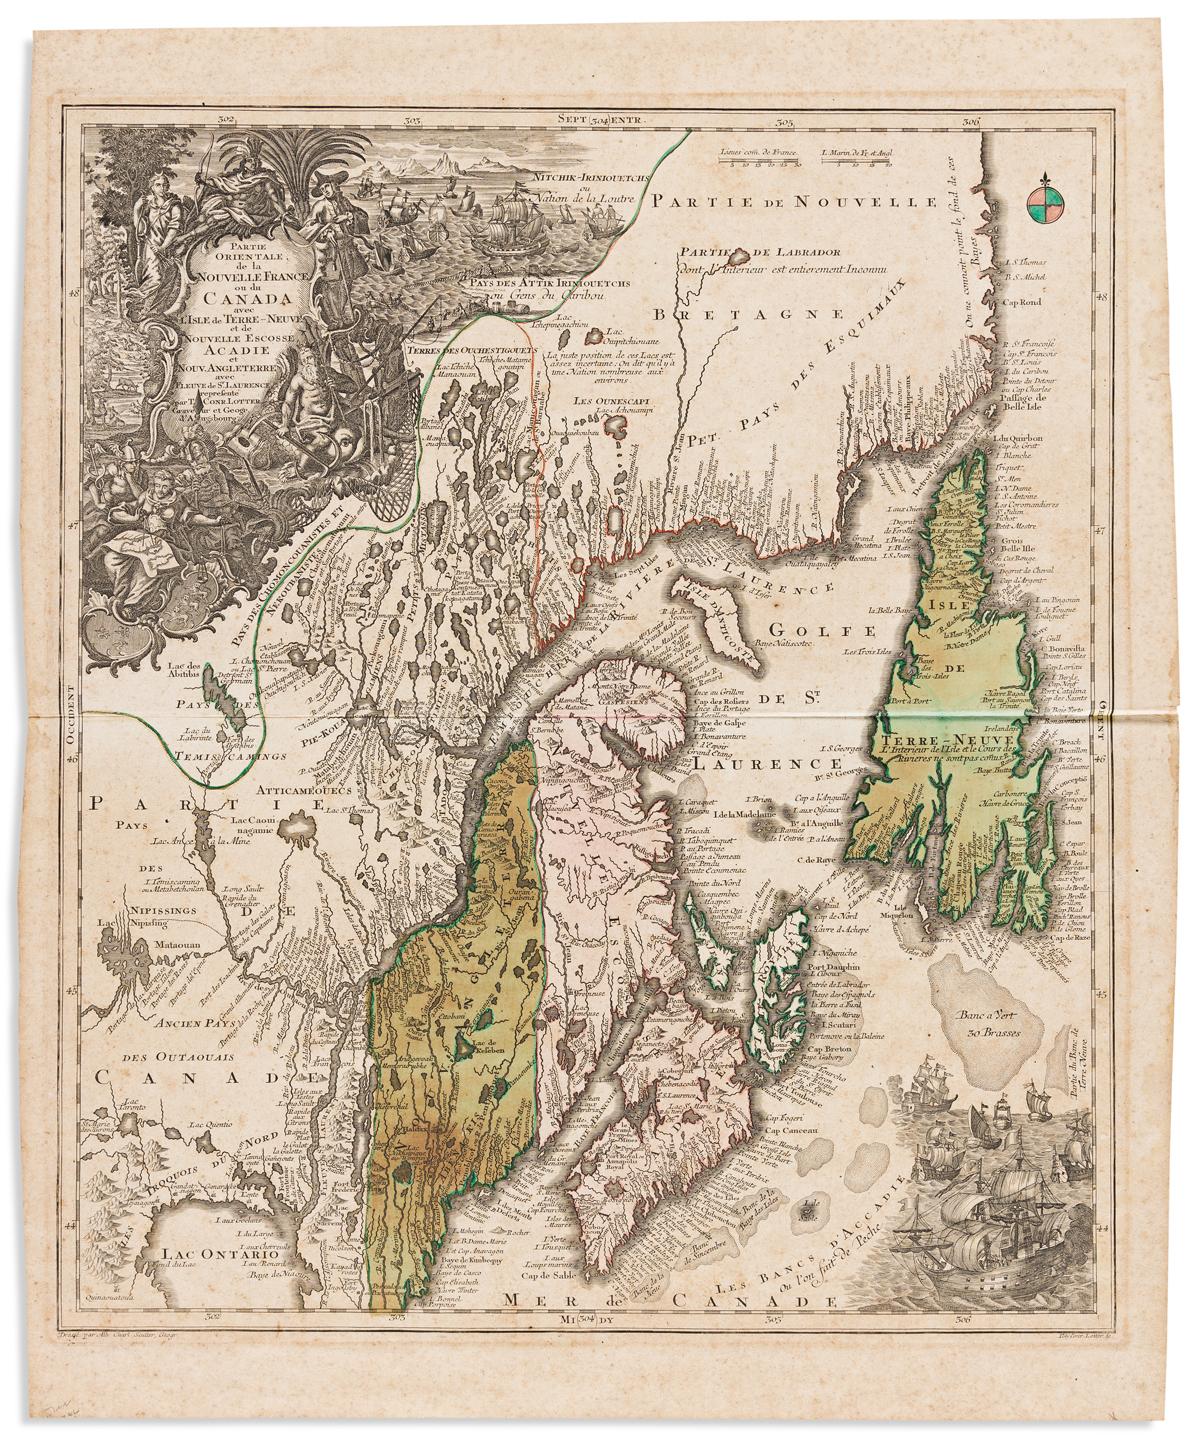 (CANADA.) Lotter, Tobias Conrad. Partie Orientale de la Nouvelle France ou du Canada.